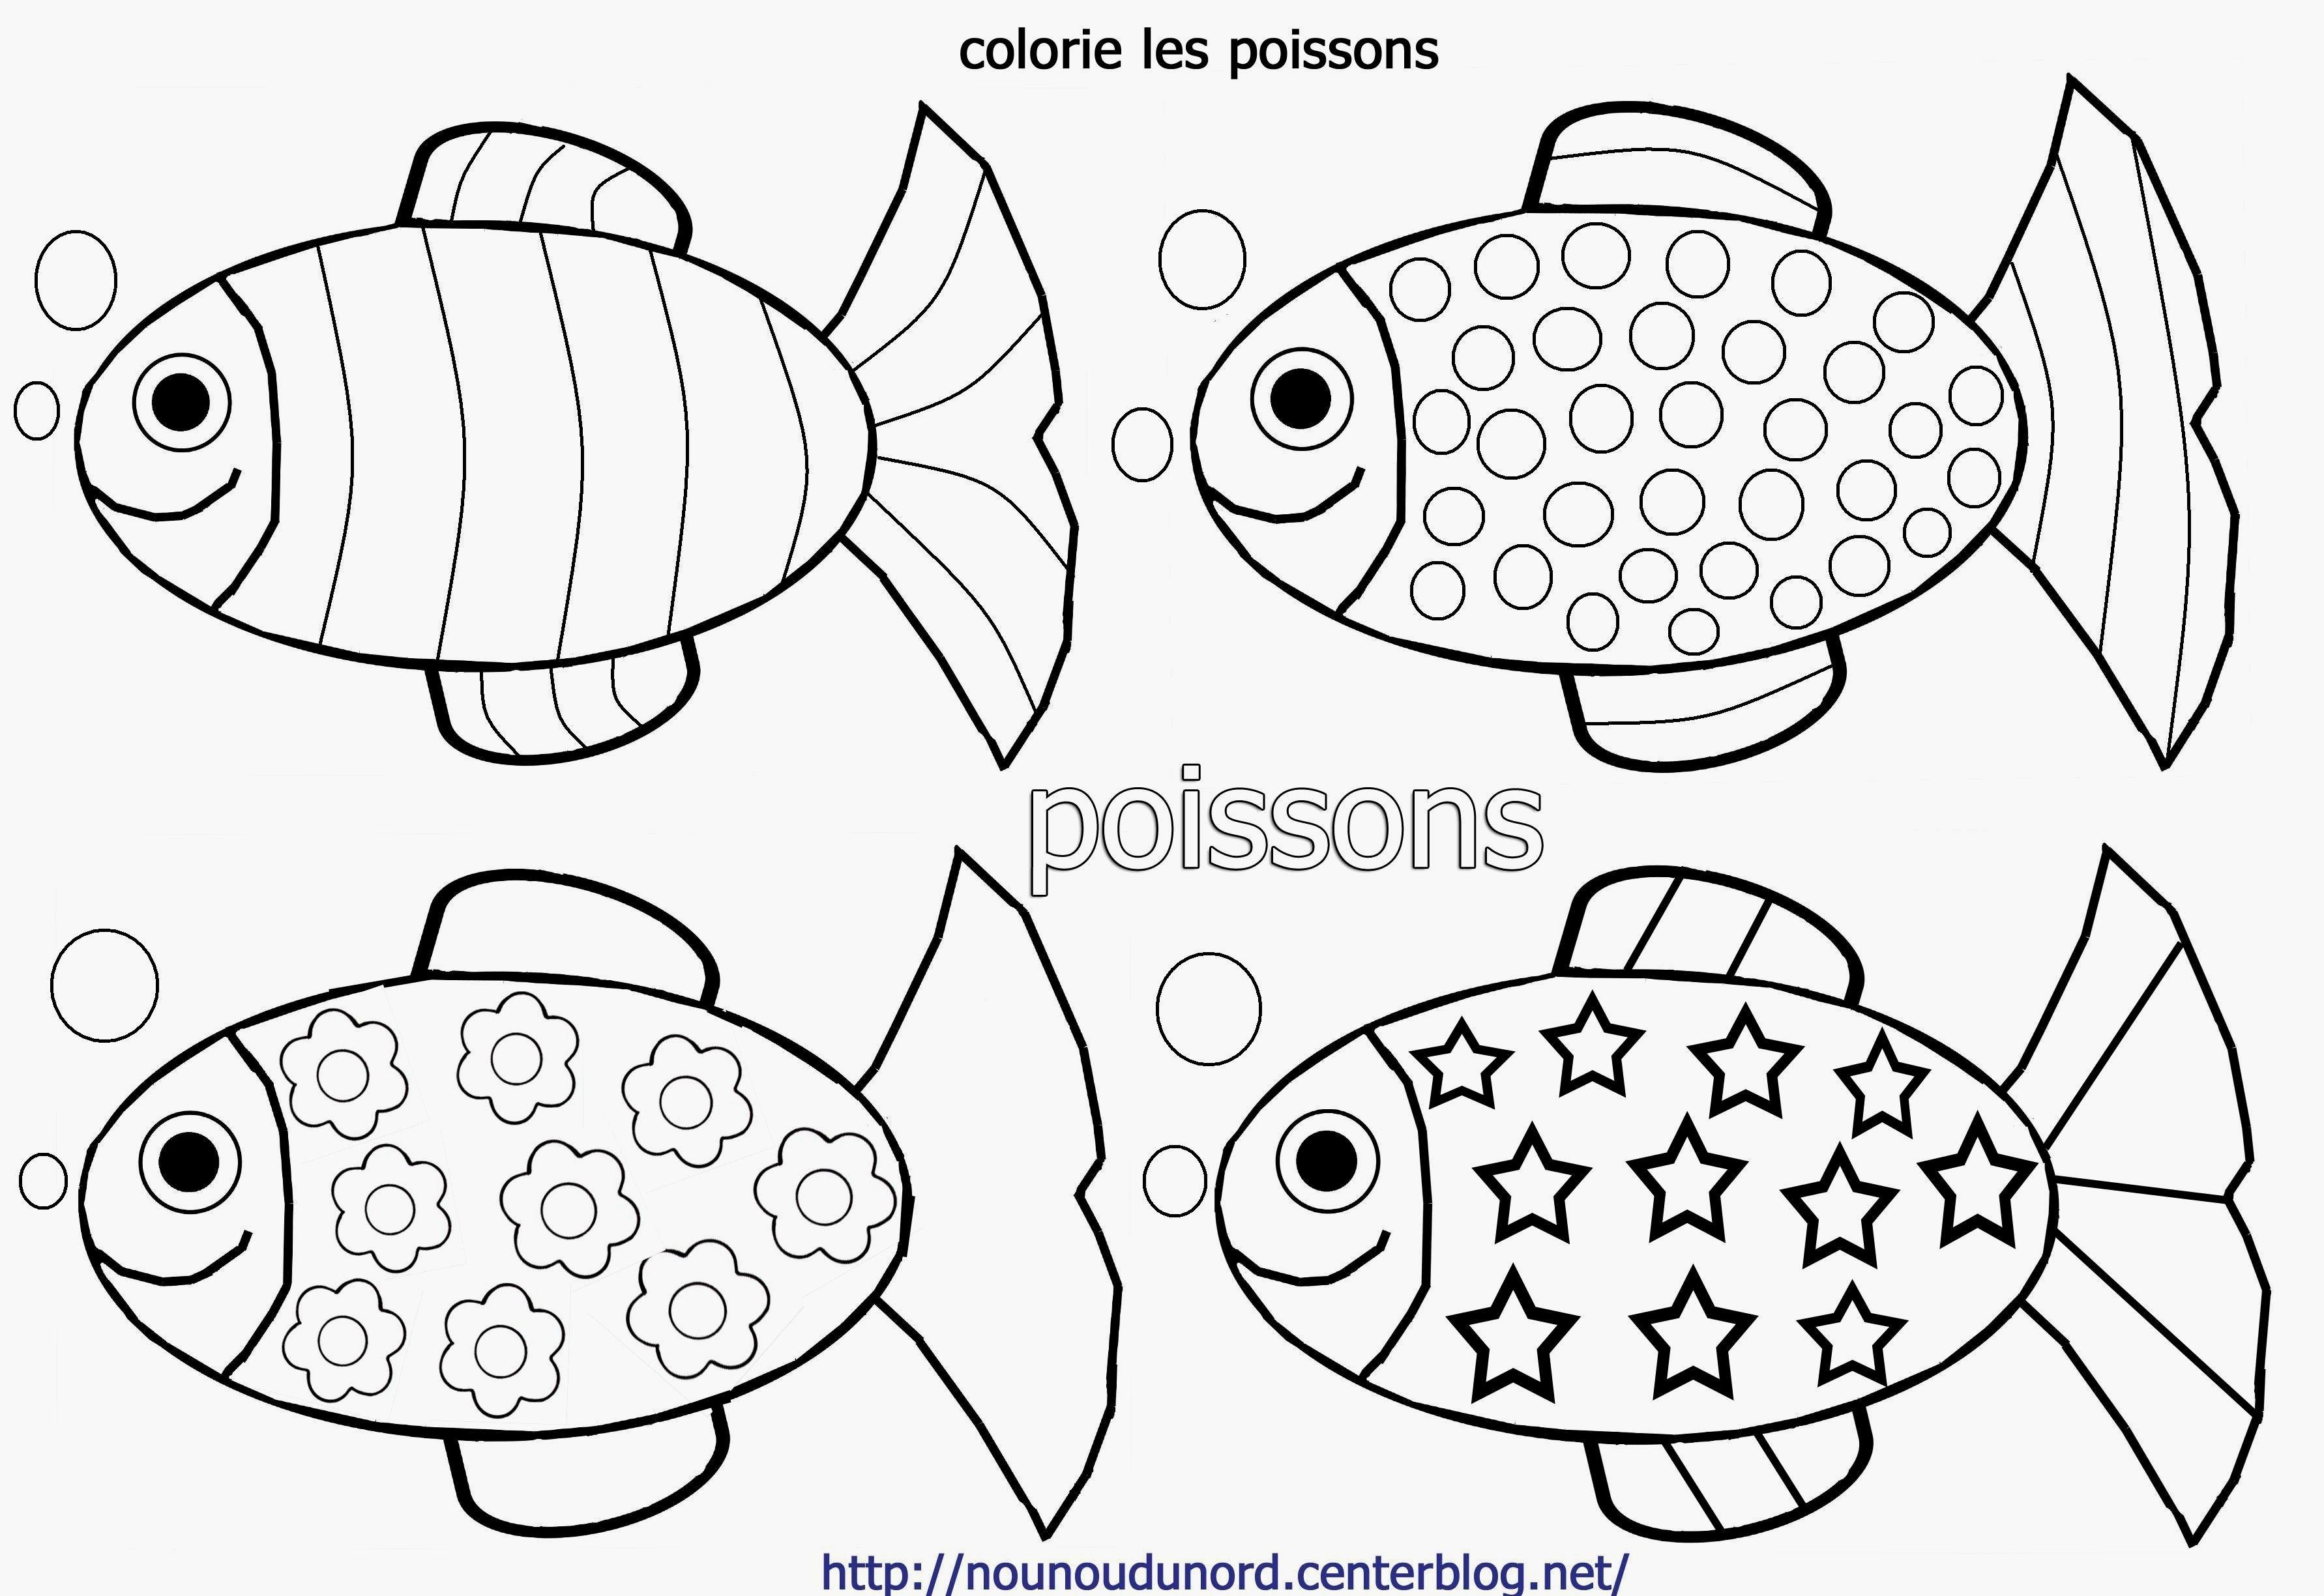 Coloriage Poisson Davril A Colorier.Coloriage Poisson A Imprimer Gratuit Of Poisson D Avril A